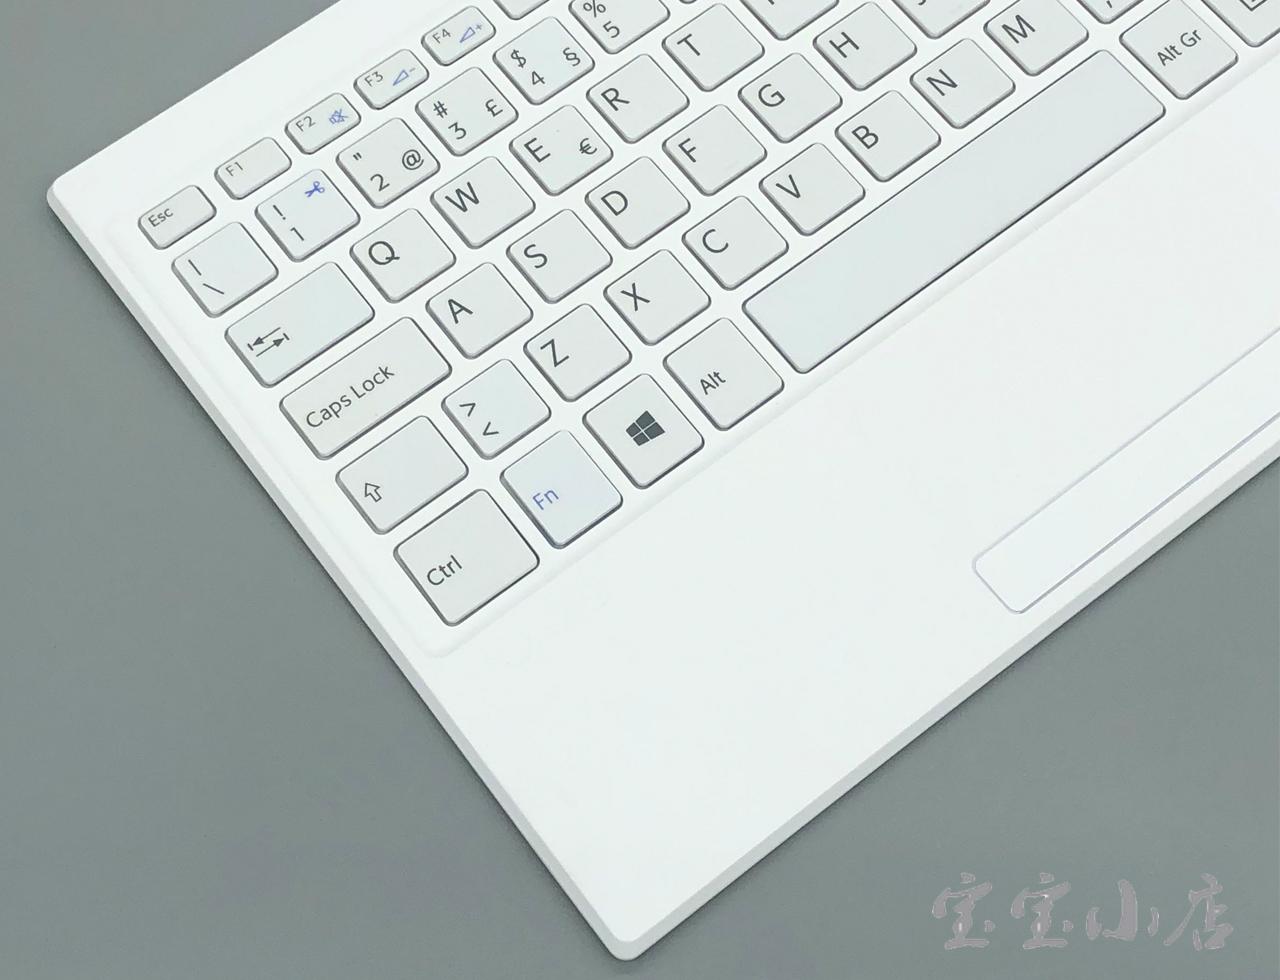 索尼SONY VAIO SVT1121S3C SVT1121S4C平板底座无线可充电键盘VGP-WKB16 4-480-474-01 Teclado Português para keyboard